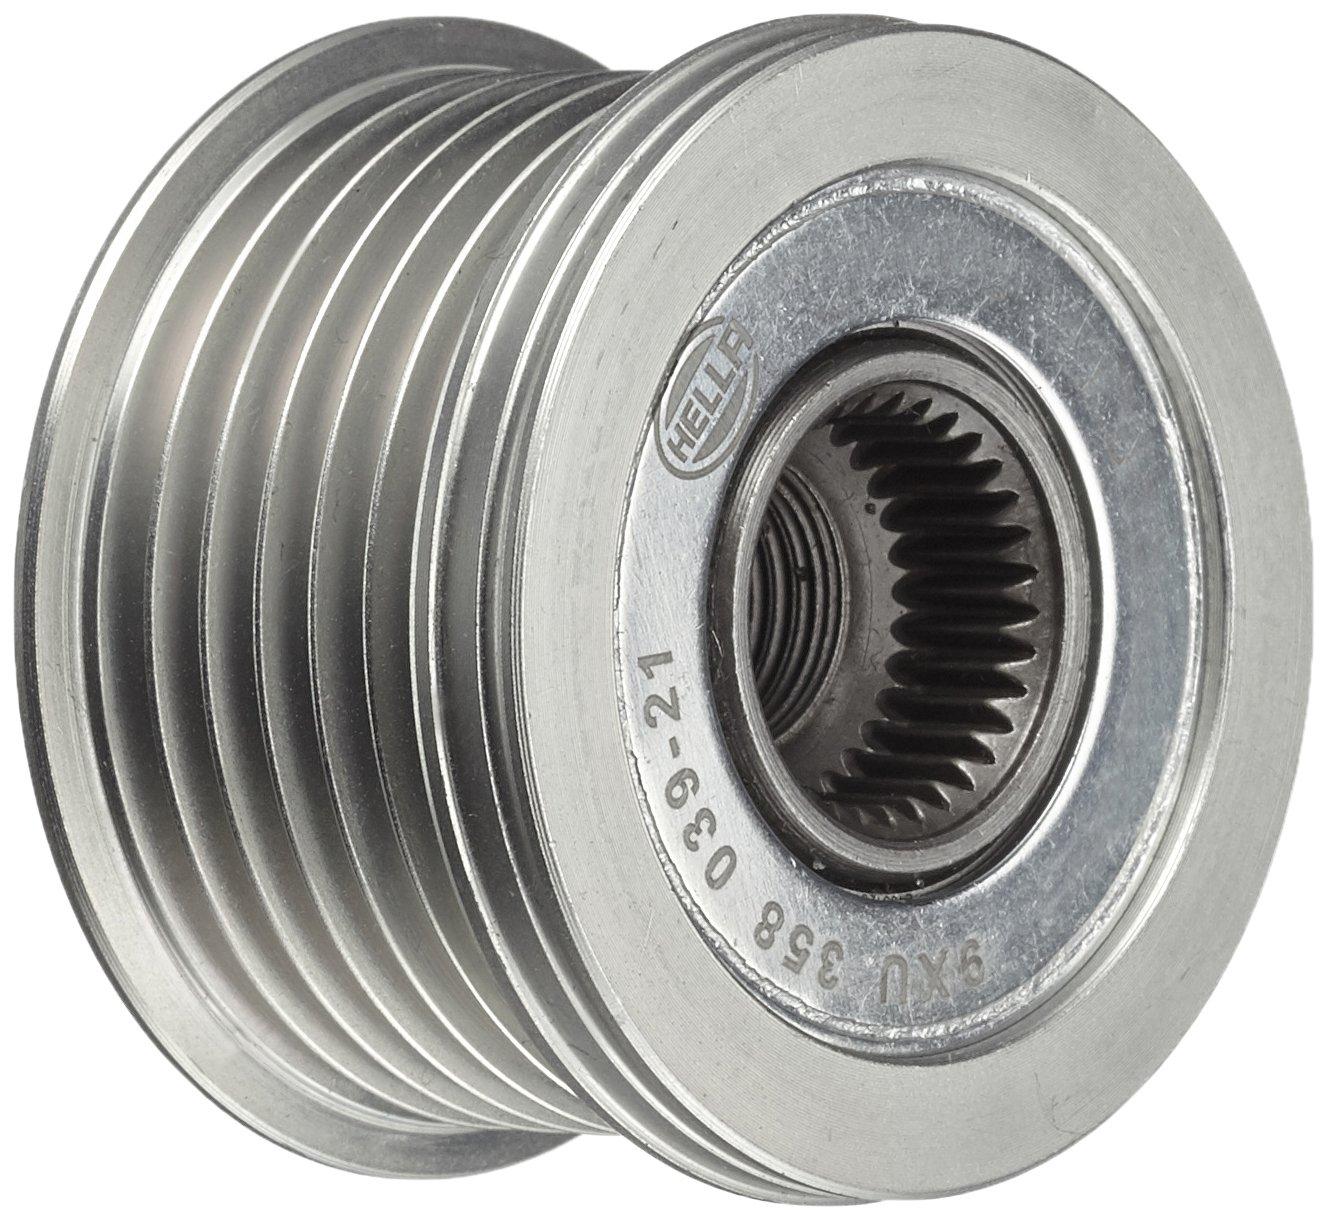 HELLA 9XU 358 039-211 Generatorfreilauf, Riemenscheiben-Ø : 49,7mm, Gewindemaß : M14x1,5, Anzahl der Rillen: 6 Hella KGaA Hueck & Co.